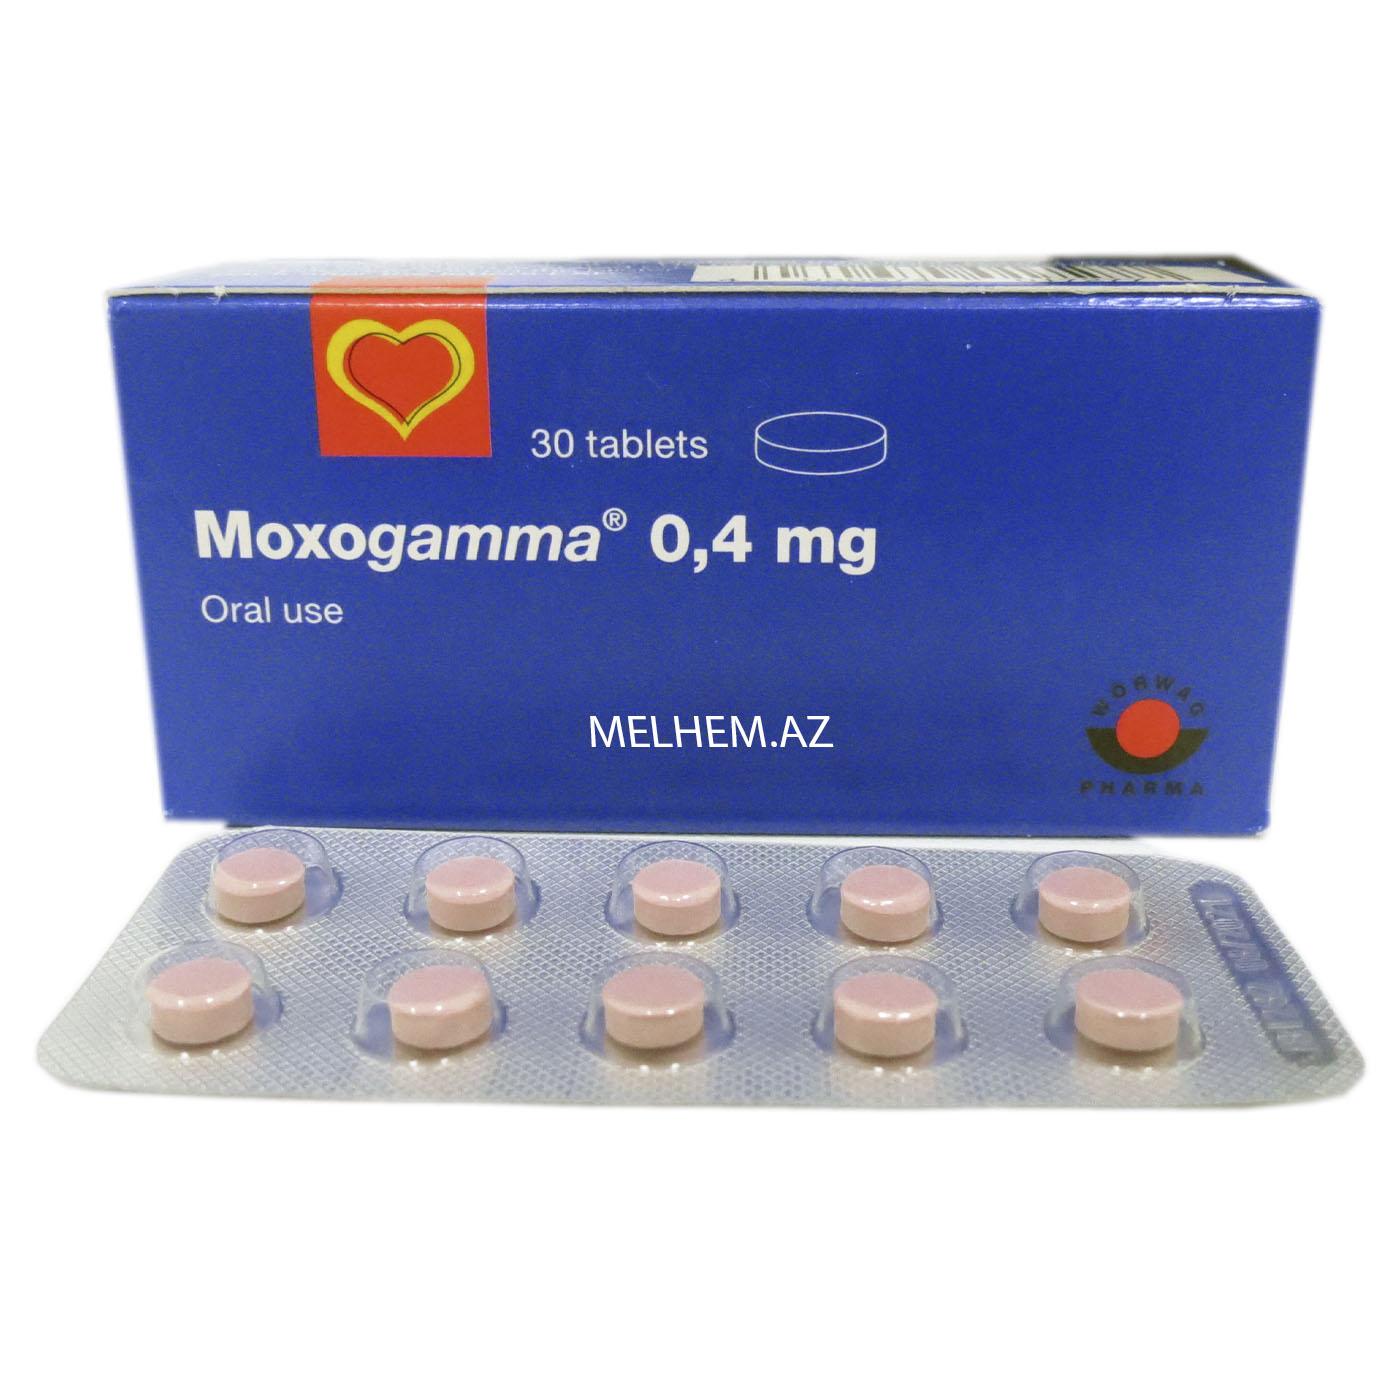 MOXOGAMMA